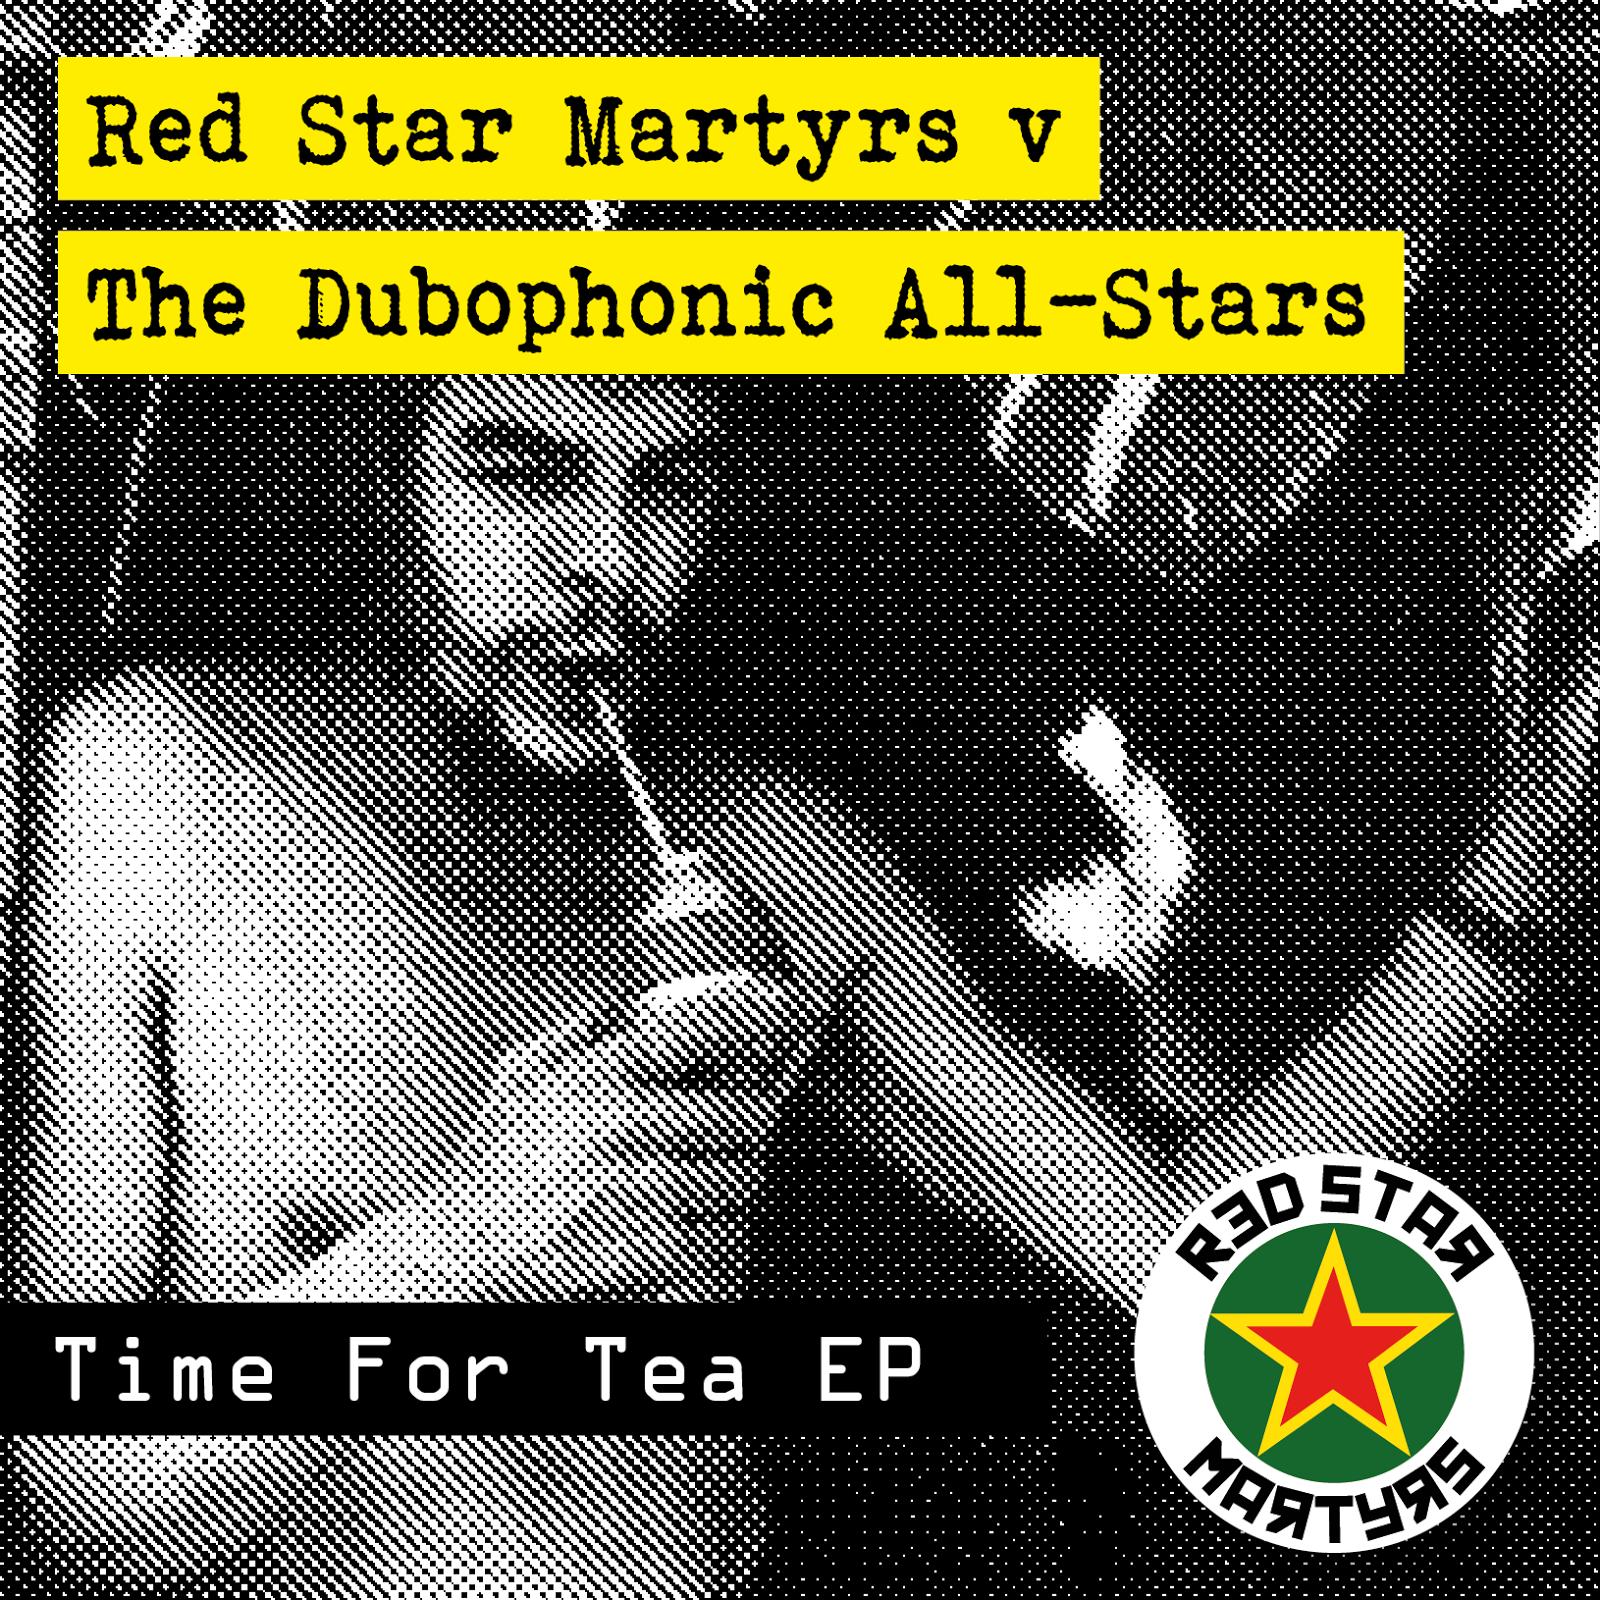 [DPH013] Red Star Martyrs vs Dubophonic All-Stars : Time for Tea (EP)